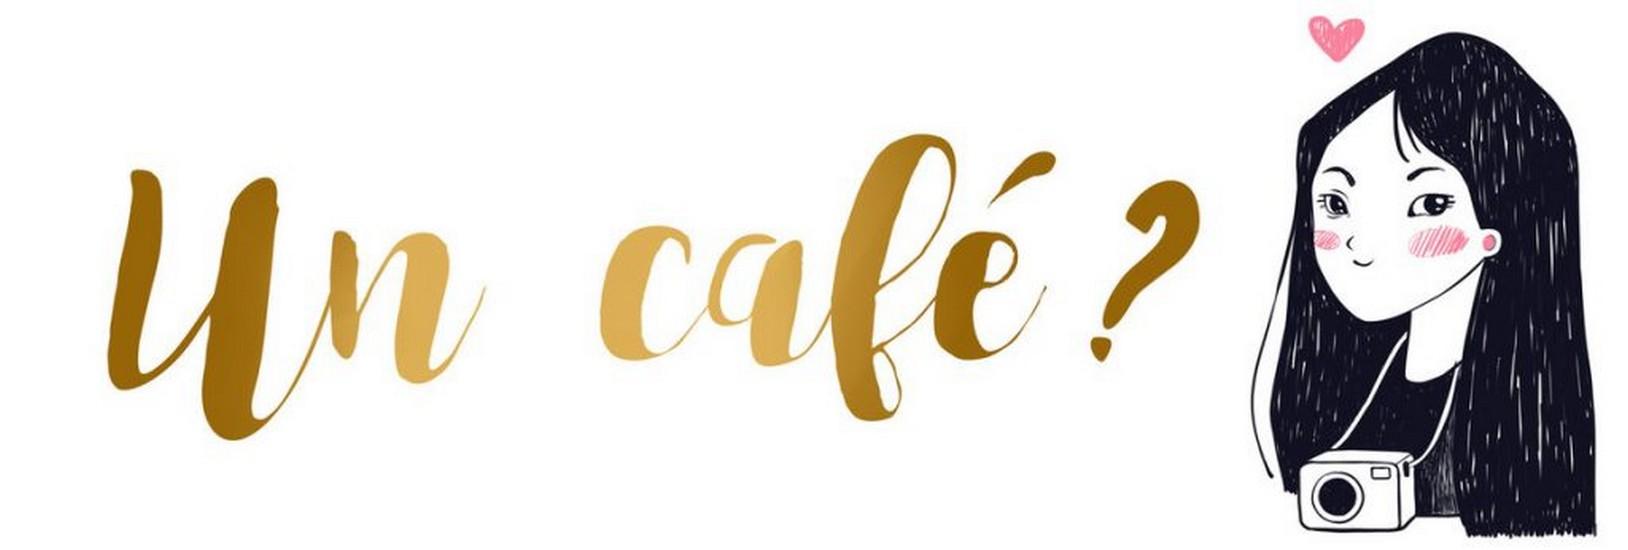 Quand l'art et l'imagination s'invitent dans trois cafés